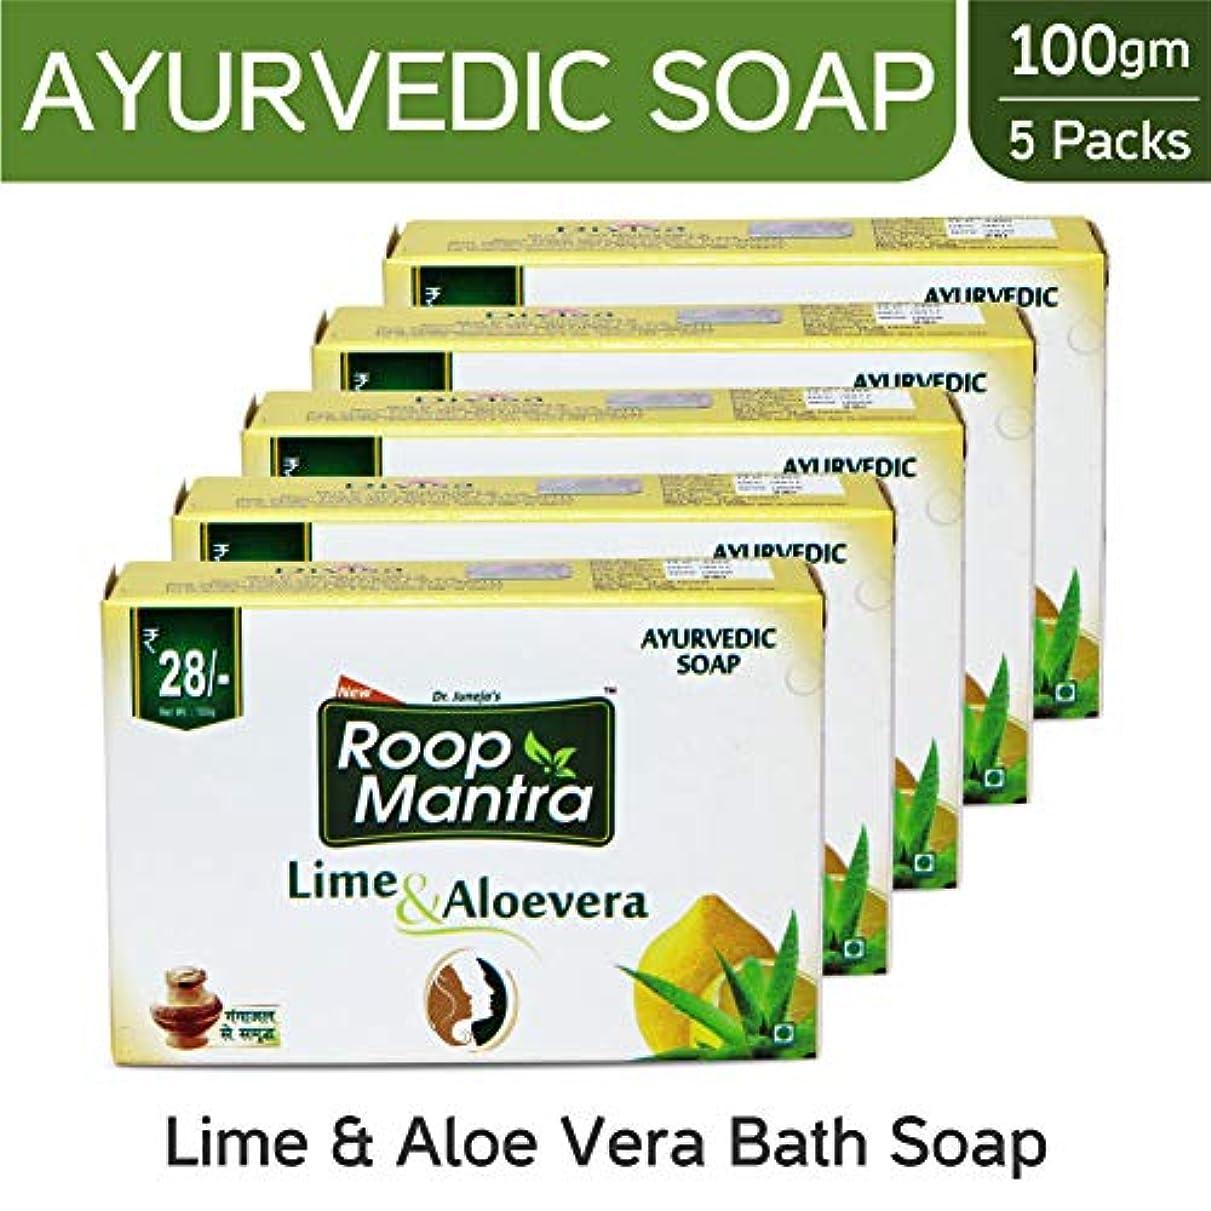 ランチ桃チャップRoop Mantra Ayurvedic Bath Soap, Lime and Aloevera, 100g (Pack of 5)